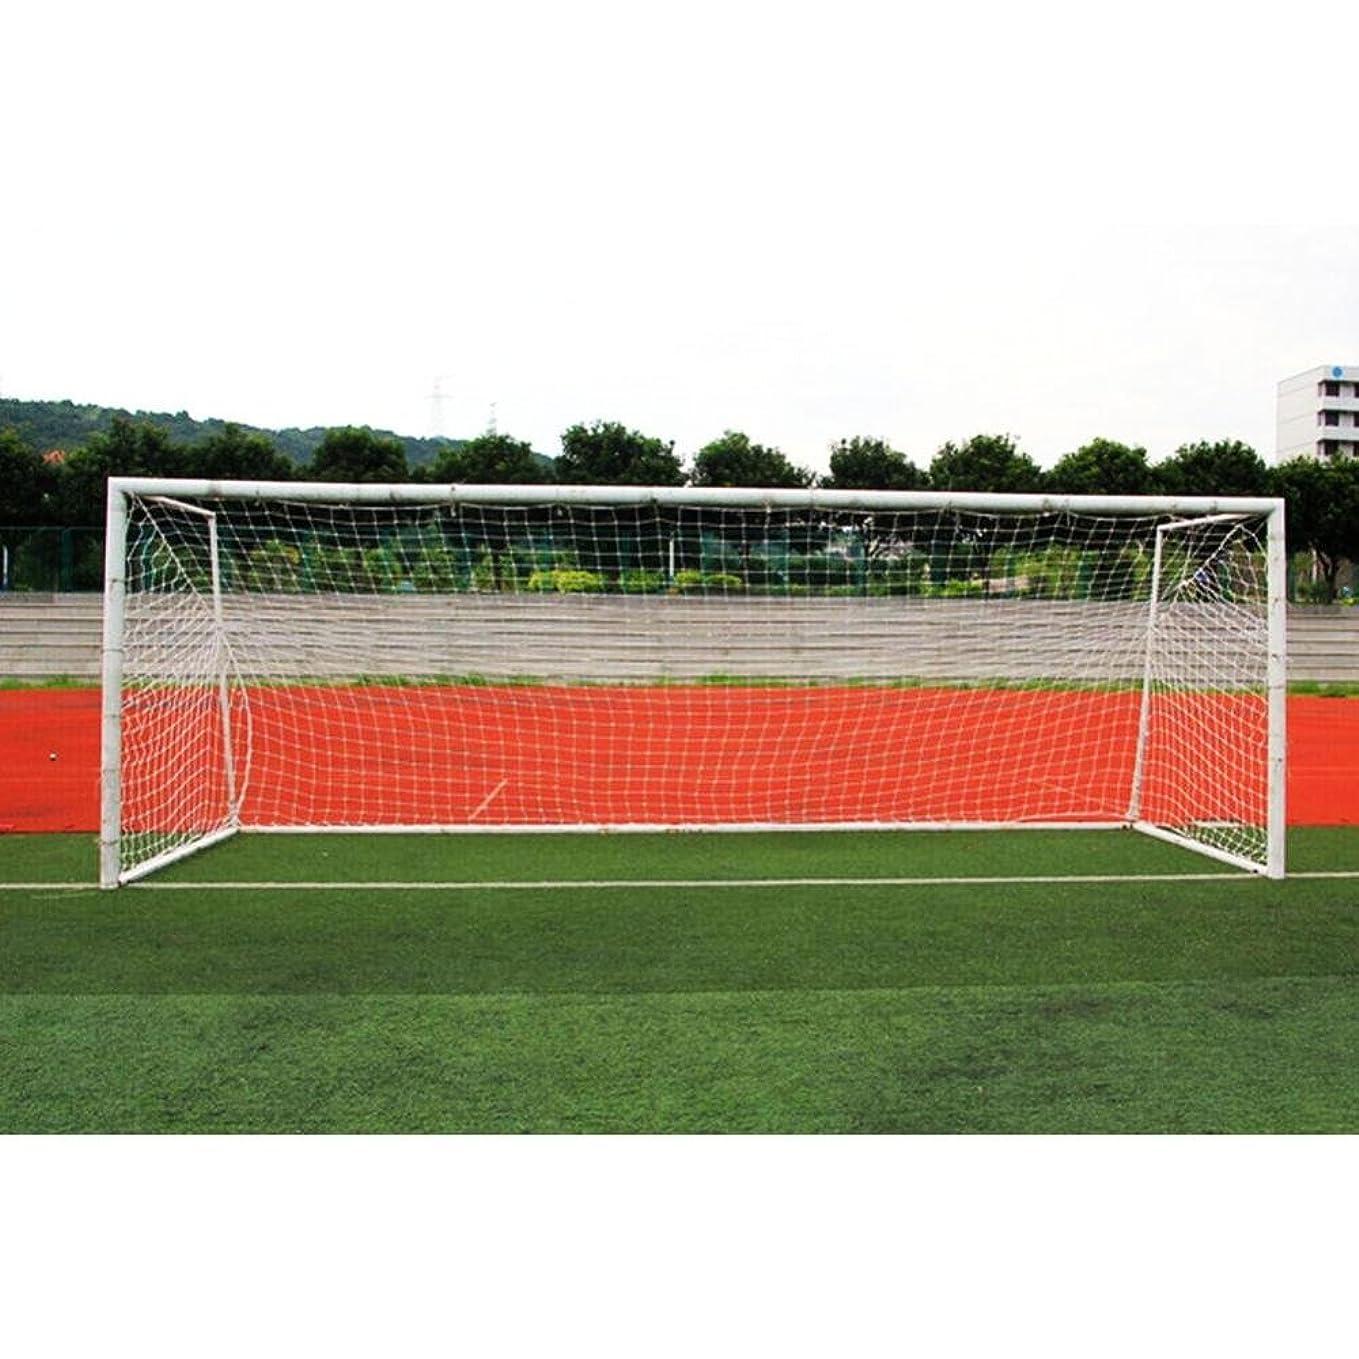 ジャーナルモックキモいサッカー ゴールネット 練習用 フットボールネット 公式サイズ 標準メッシュ インストール簡単 子供 少年 室内 屋外 アウトドアトレーニング 交換ネット